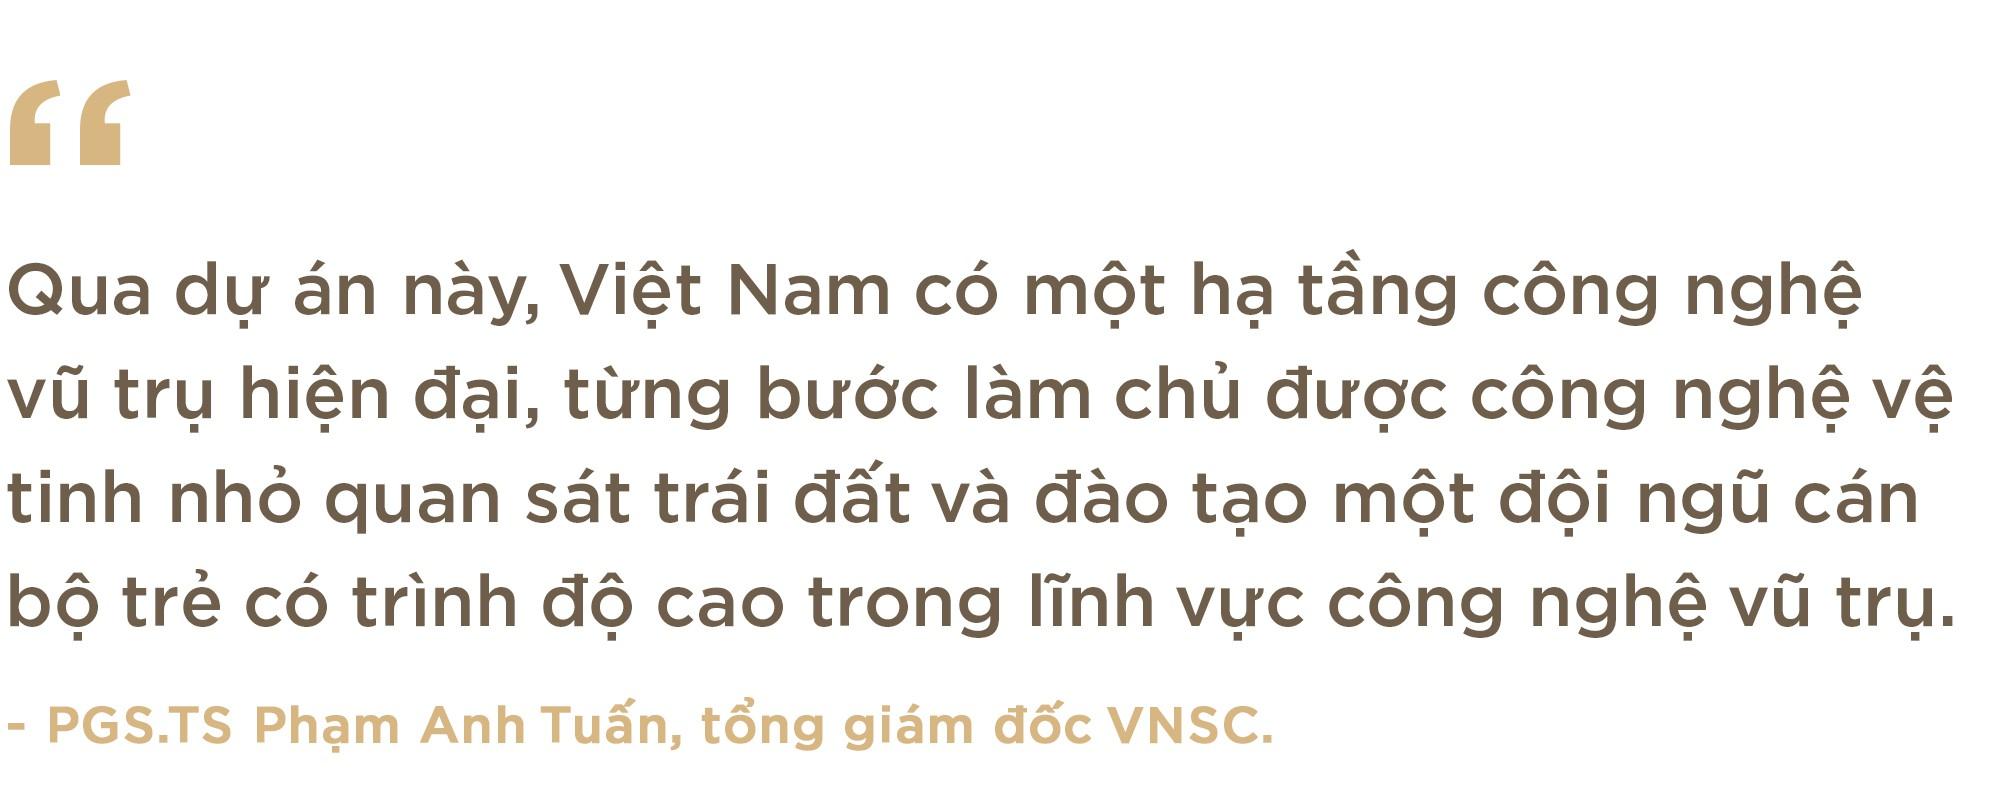 Phóng vệ tinh đầu tiên Việt Nam chế tạo: Ước mơ vươn tới bầu trời - Ảnh 5.